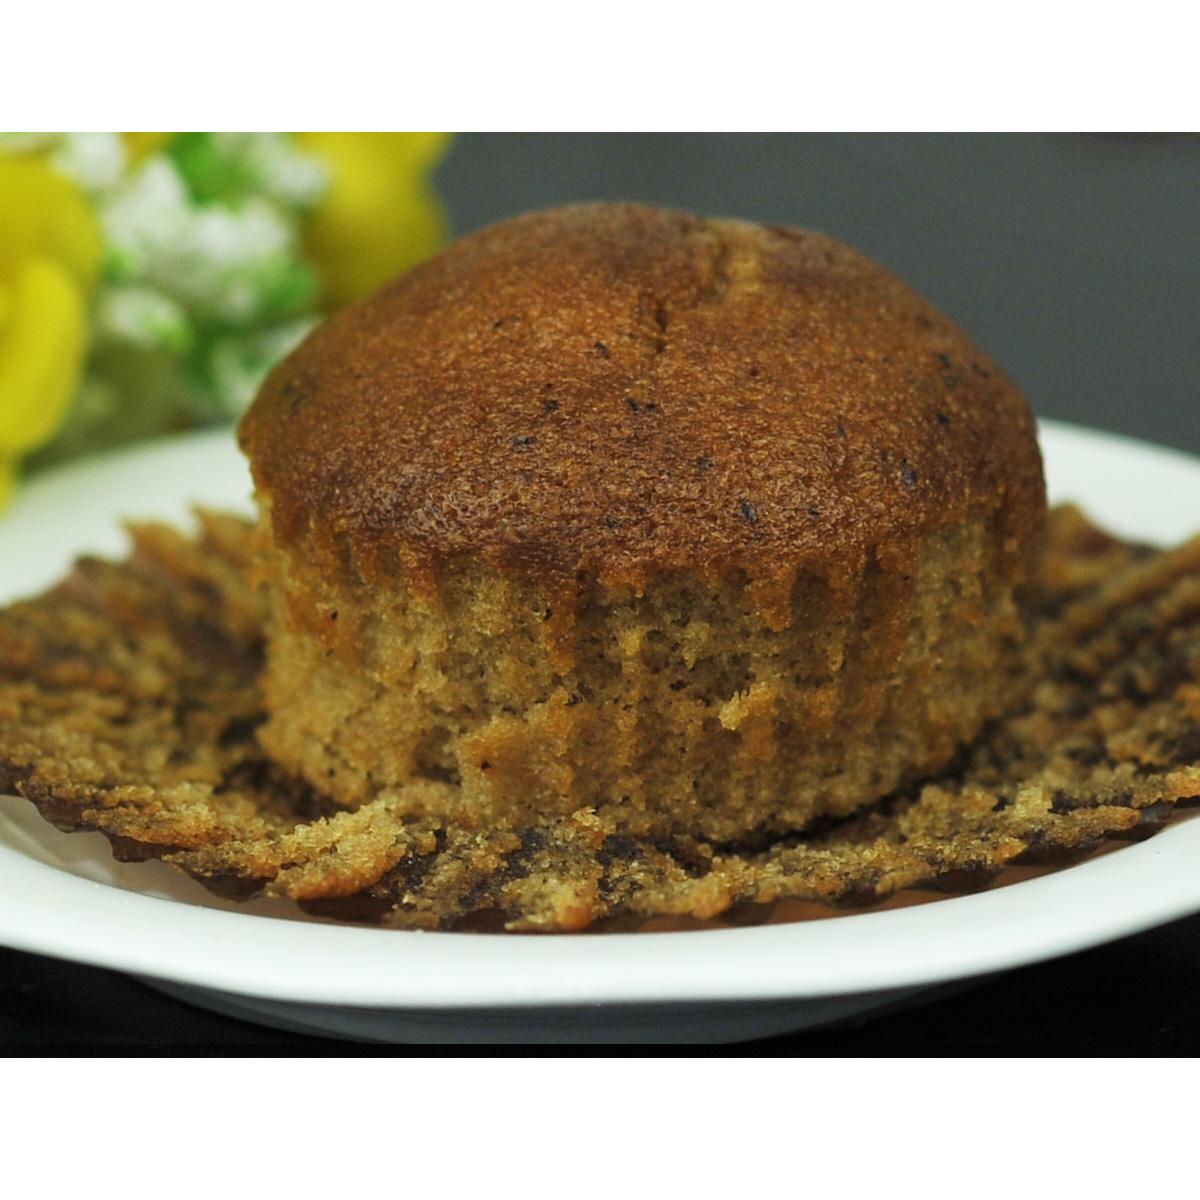 丰福星红枣蛋糕湖南特产零食饼干类奶油小吃食品500g真空包装好吃